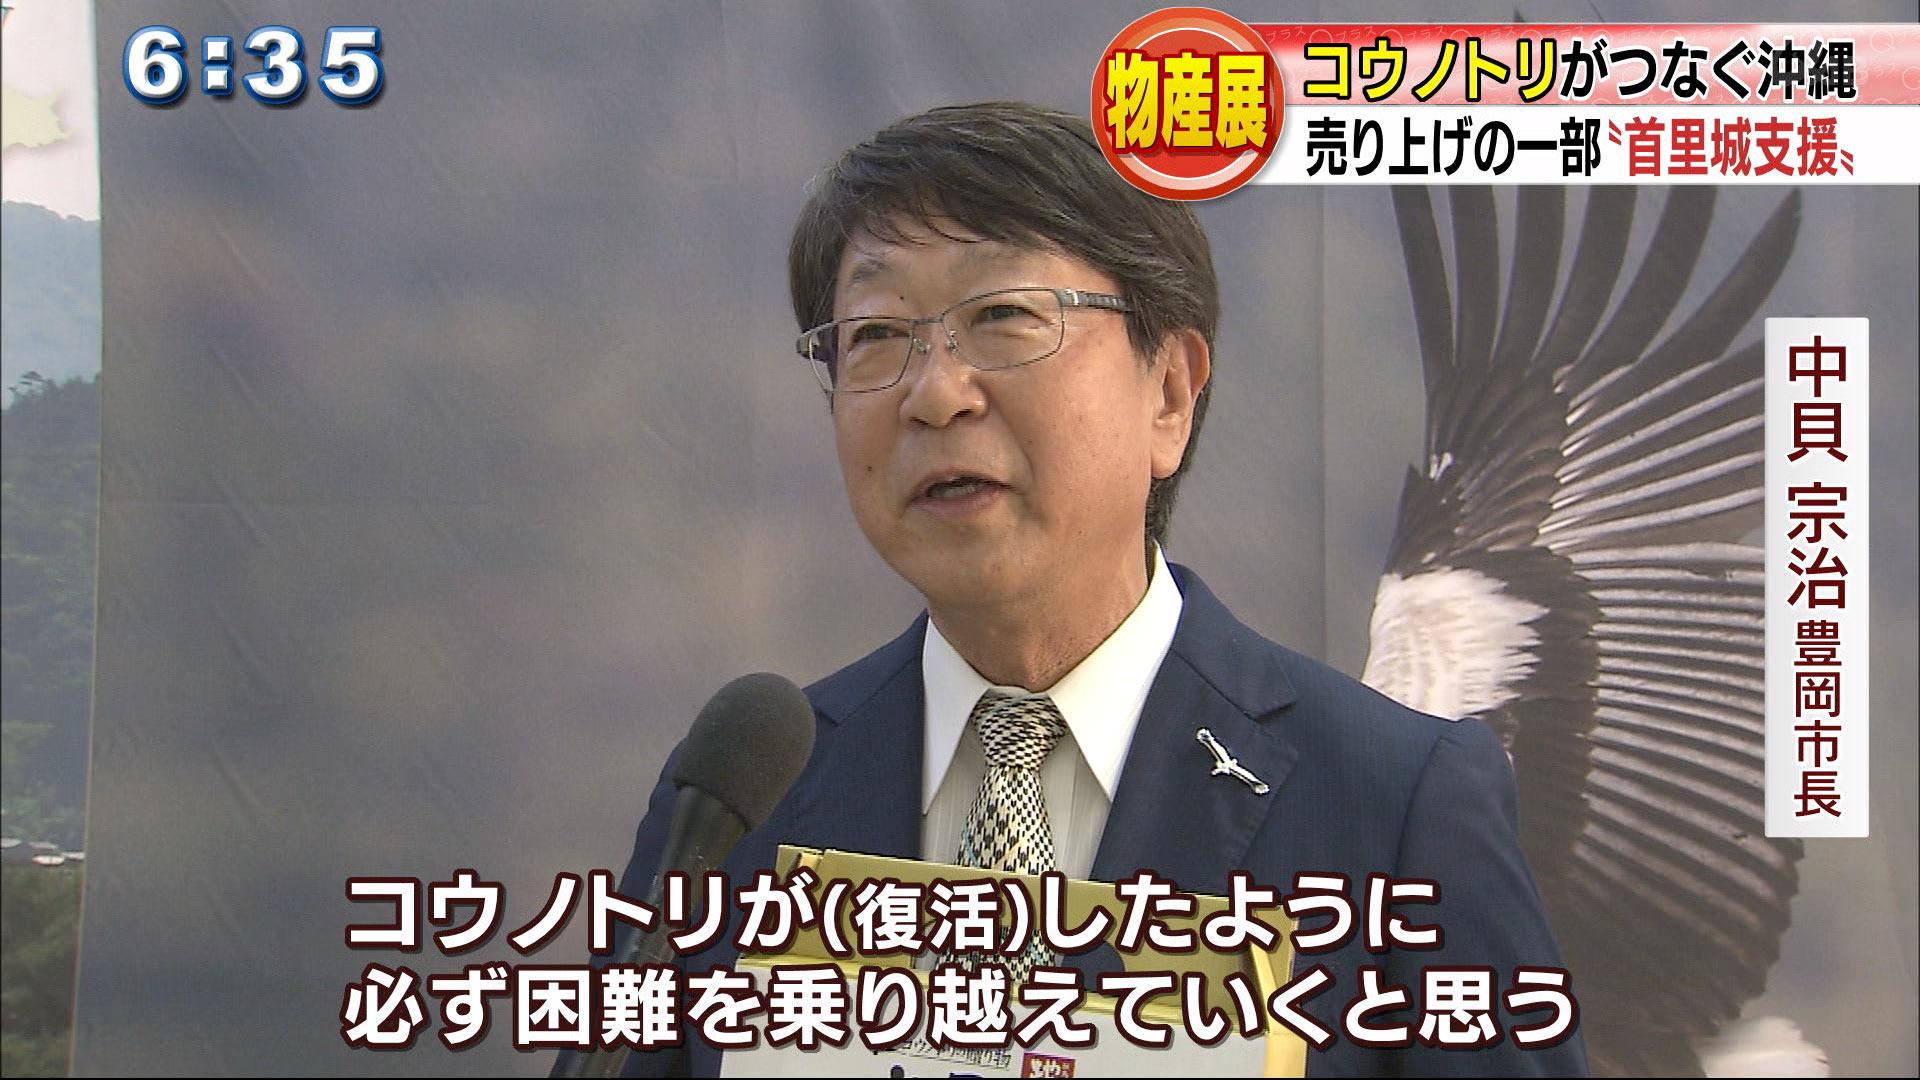 コウノトリがつなぐ沖縄×兵庫・但馬フェア